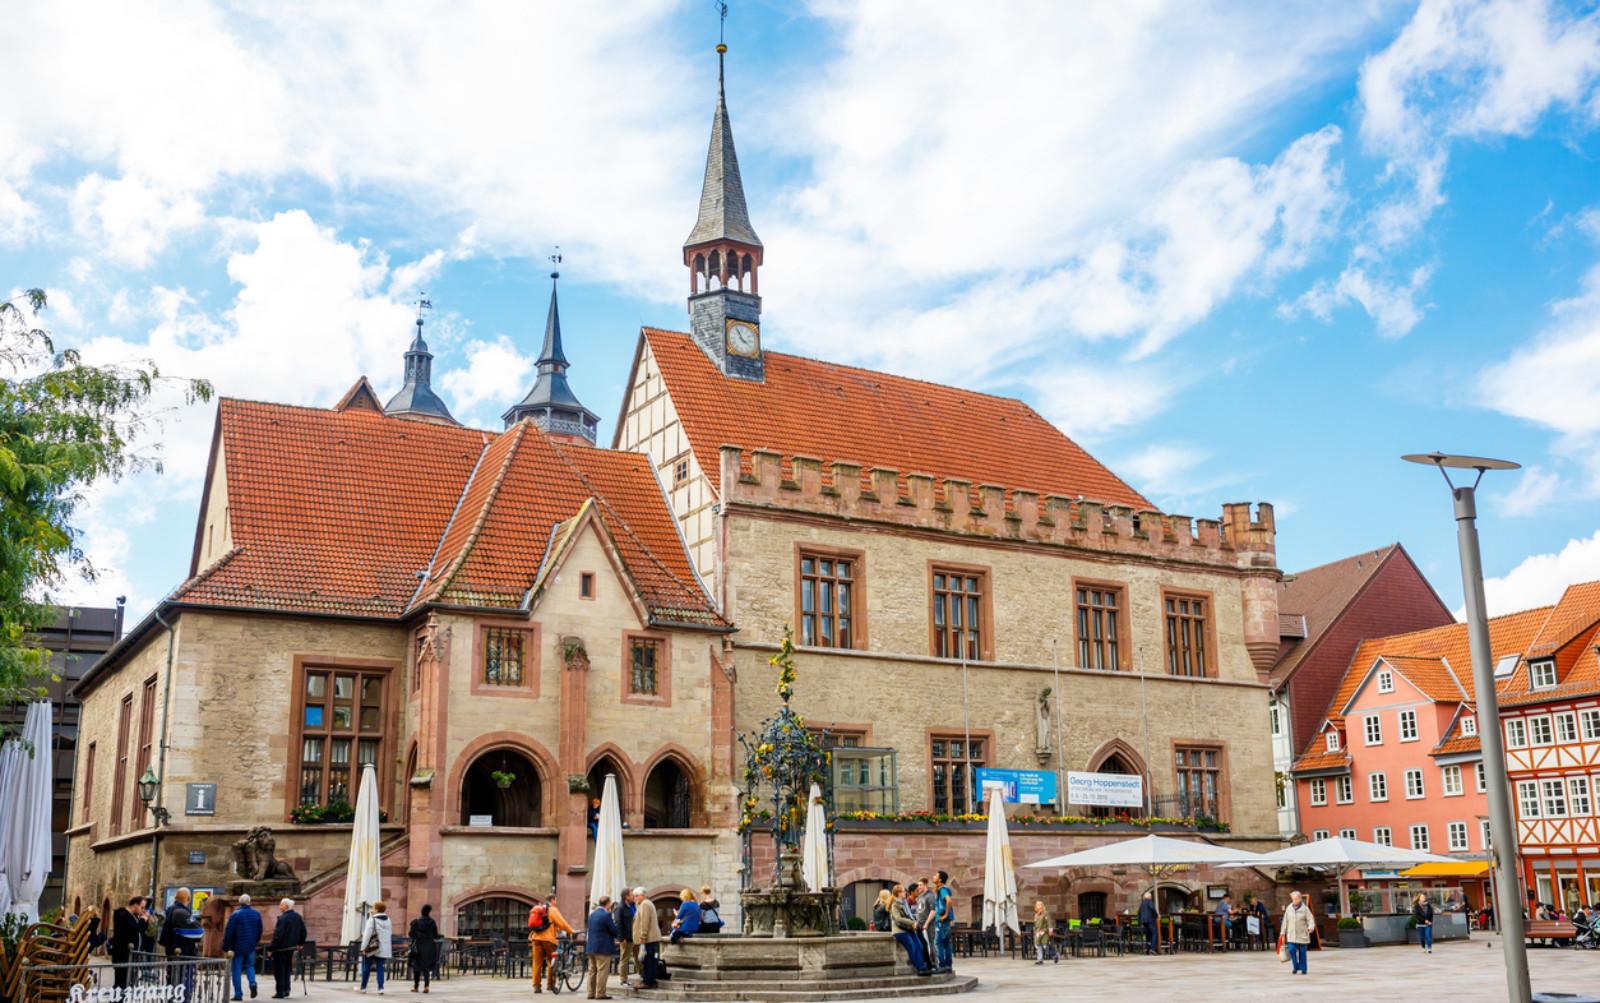 CityBootCamp in Göttingen